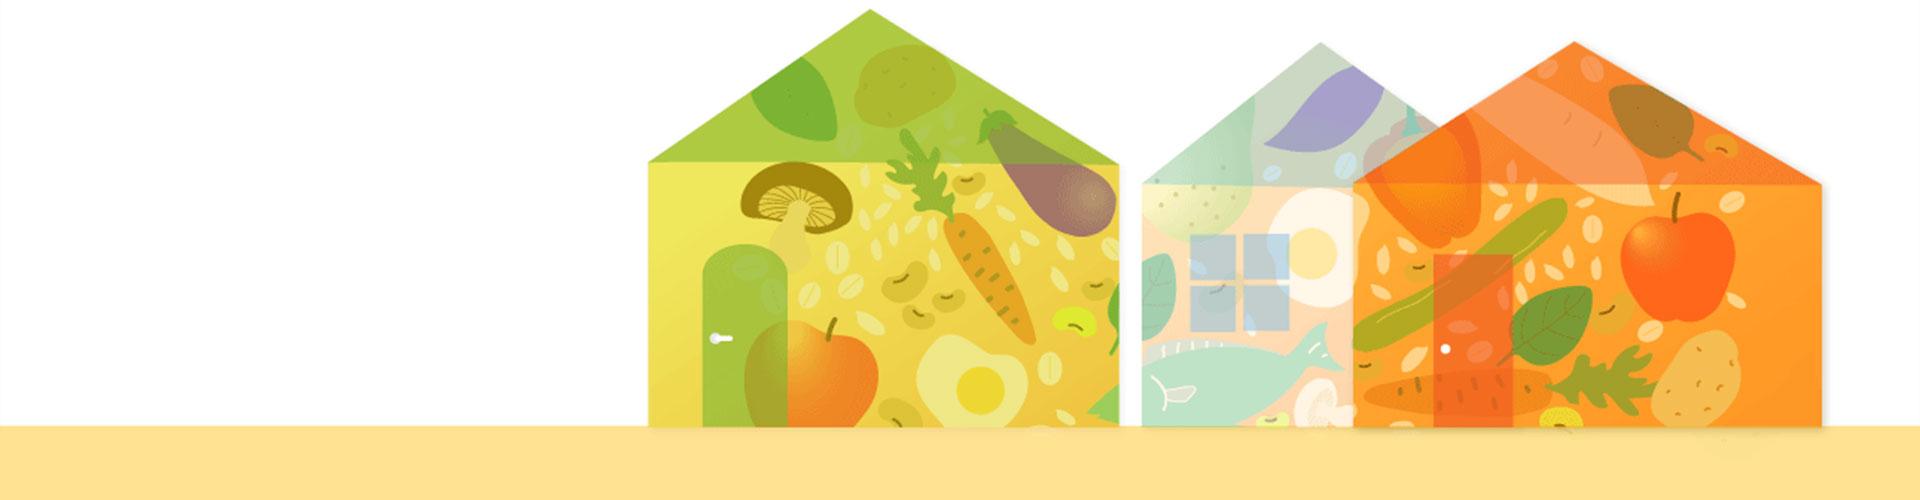 母子栄養事業について